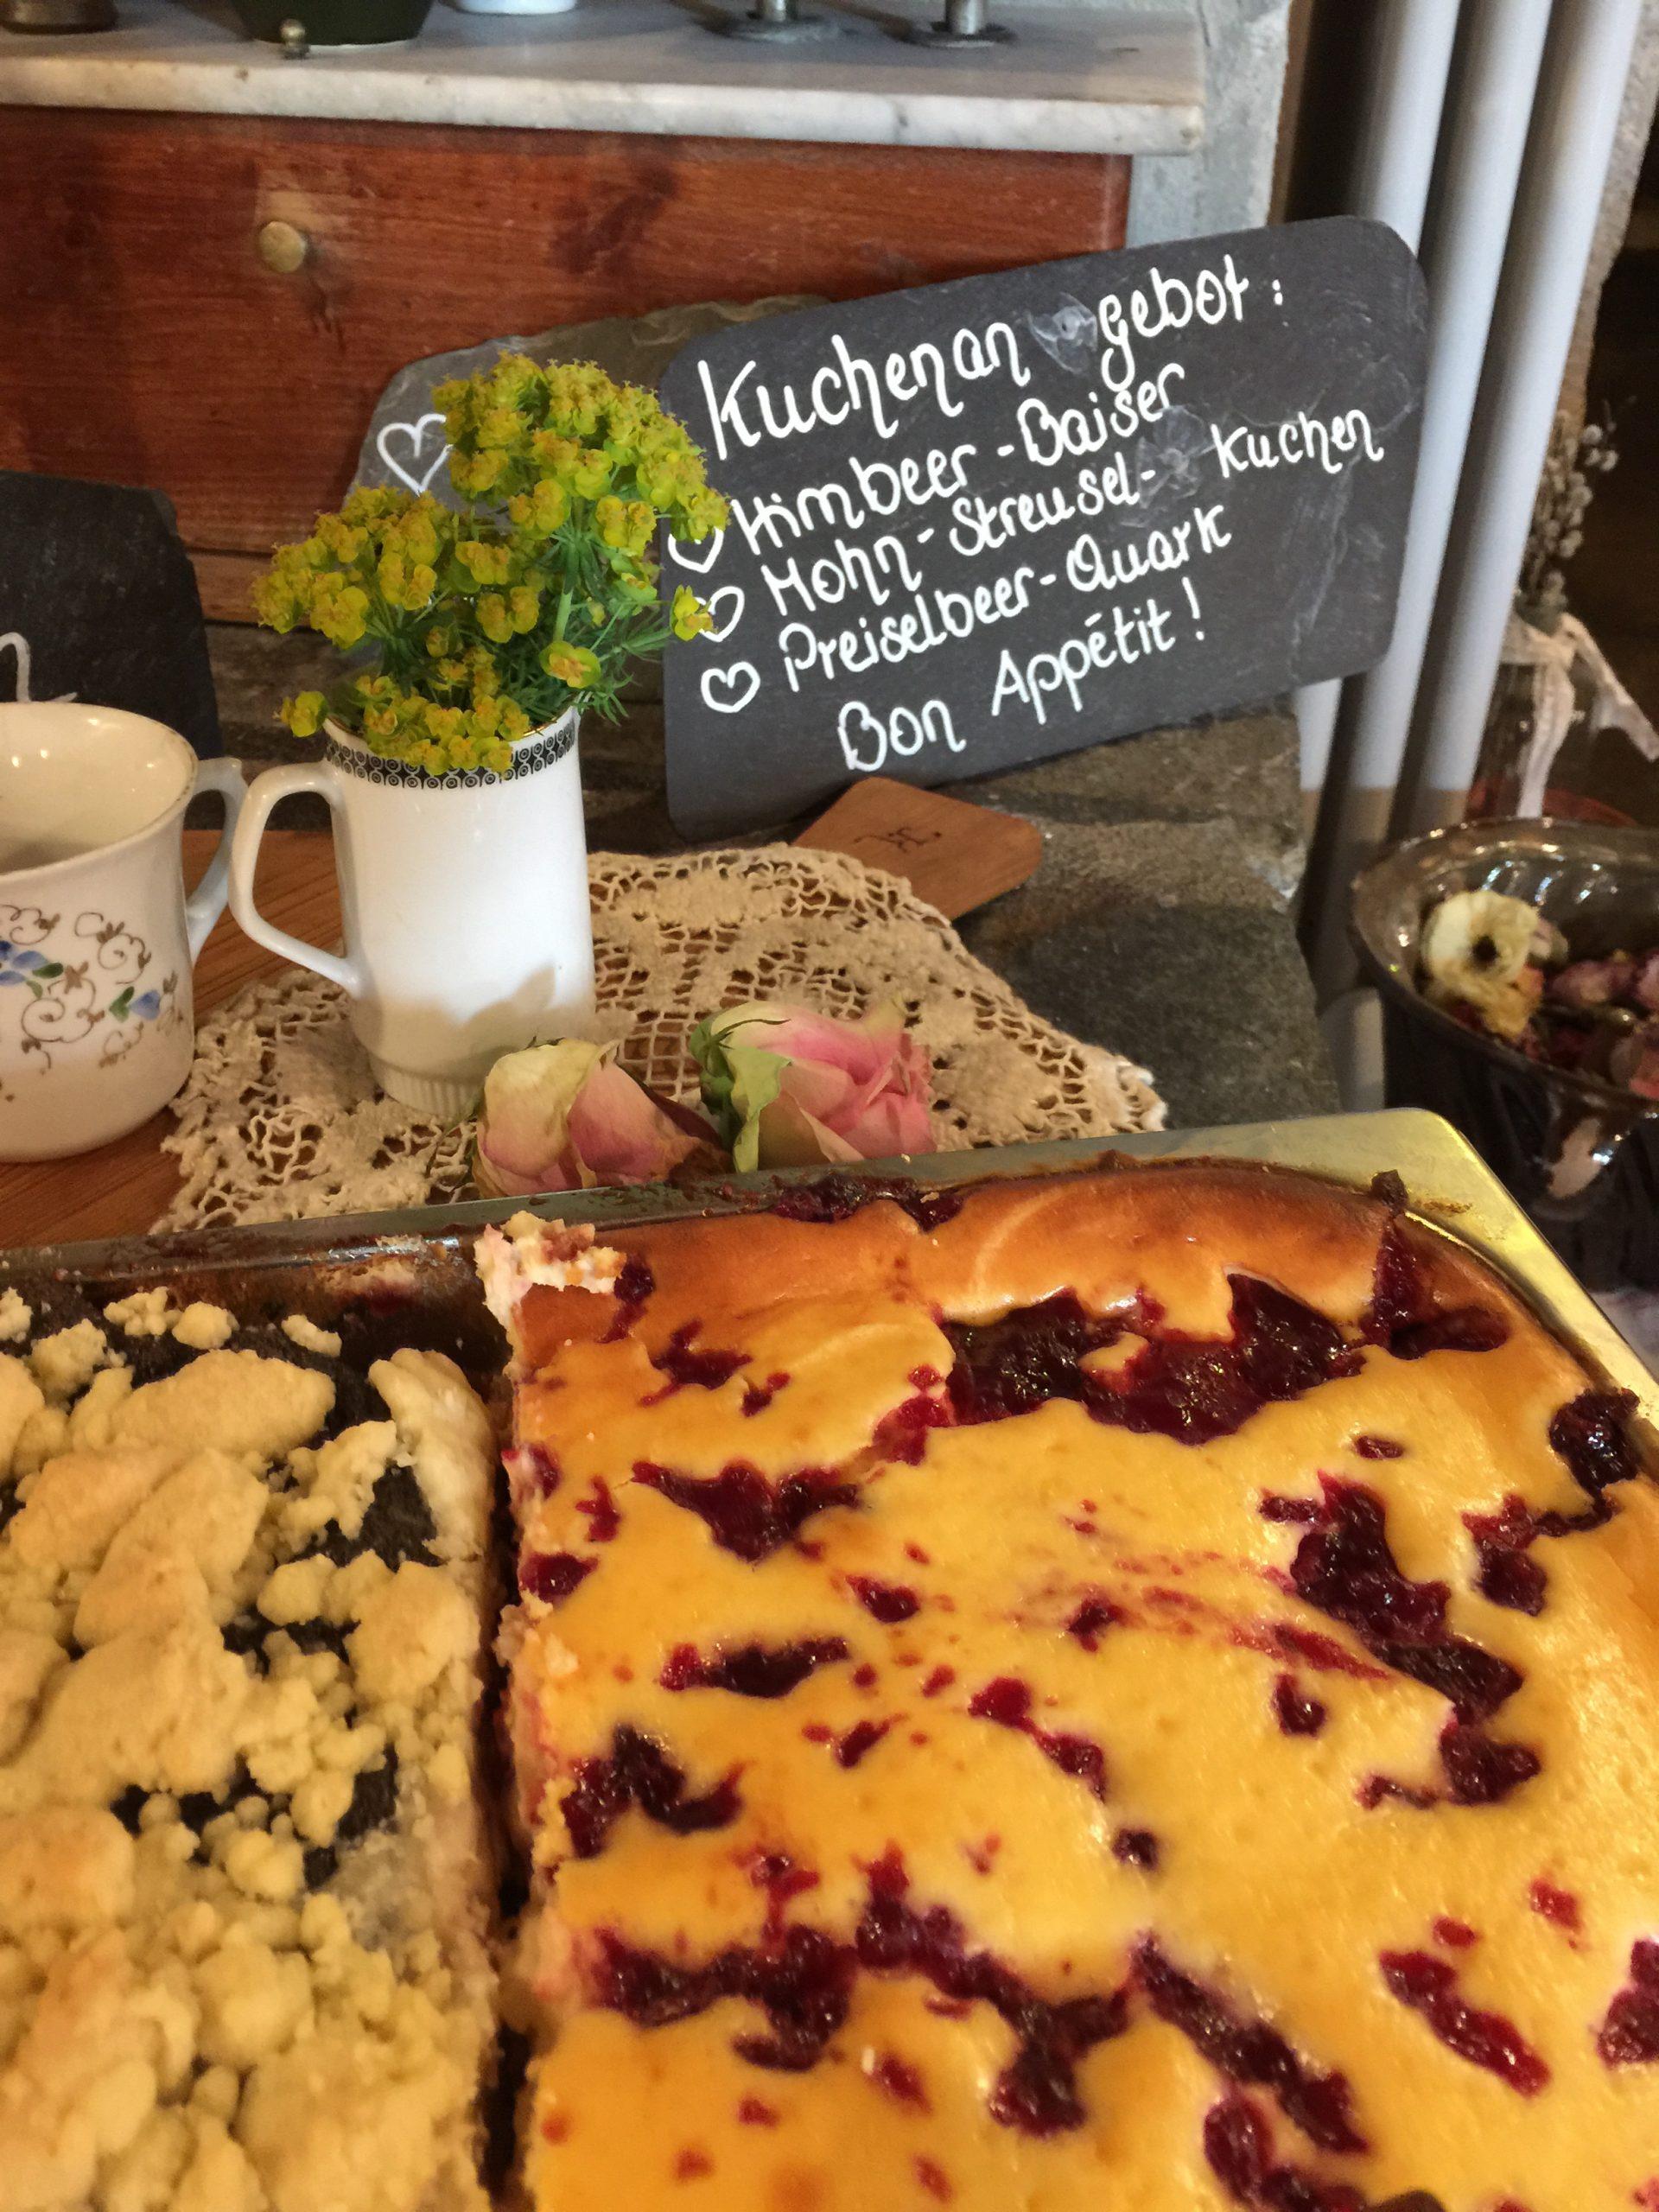 hausgebackener Kuchen | Altes Handelshaus Plauen